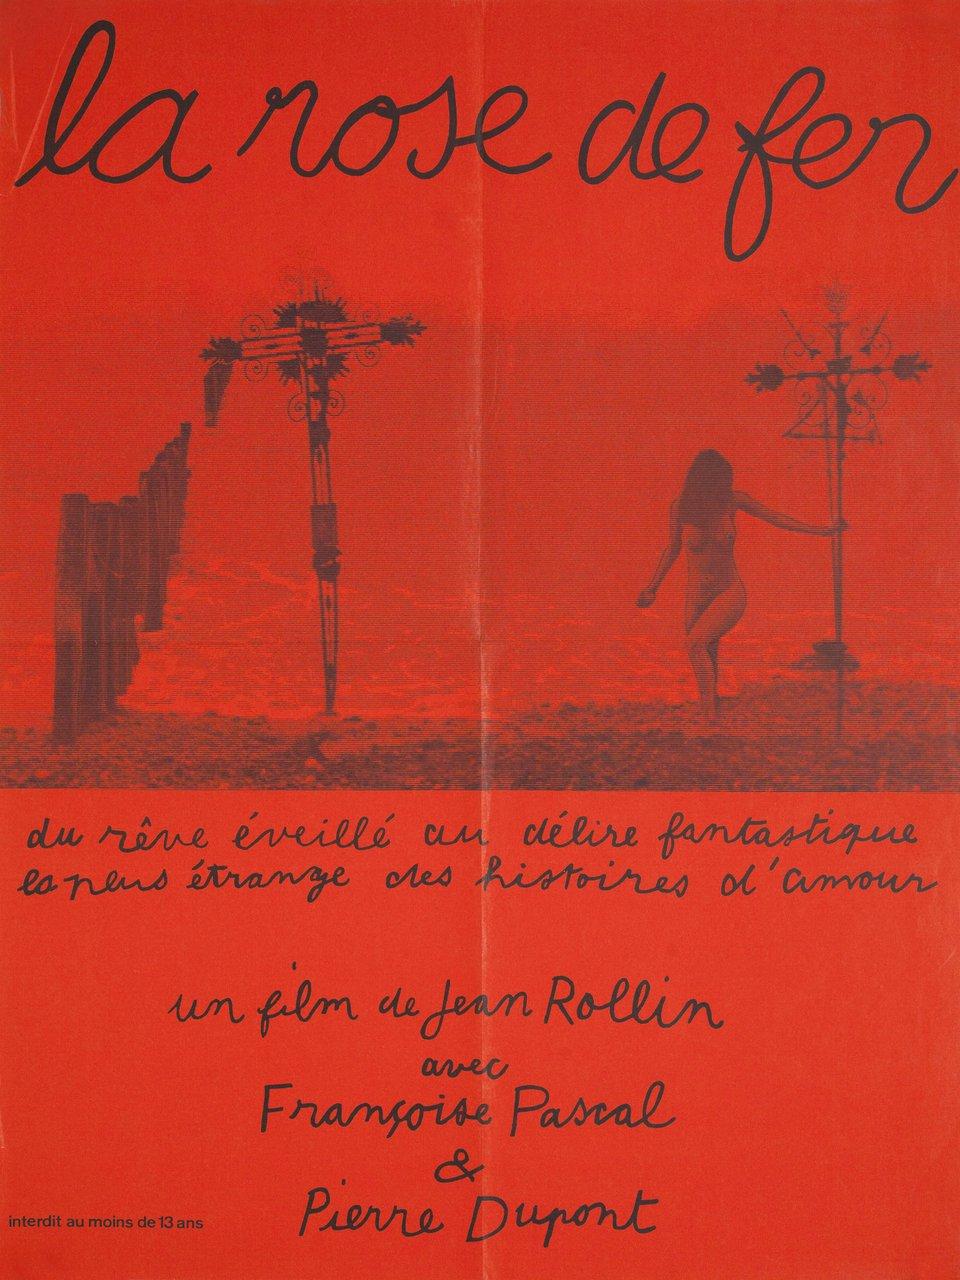 The Iron Rose de Jean Rollin (1973) - UniFrance